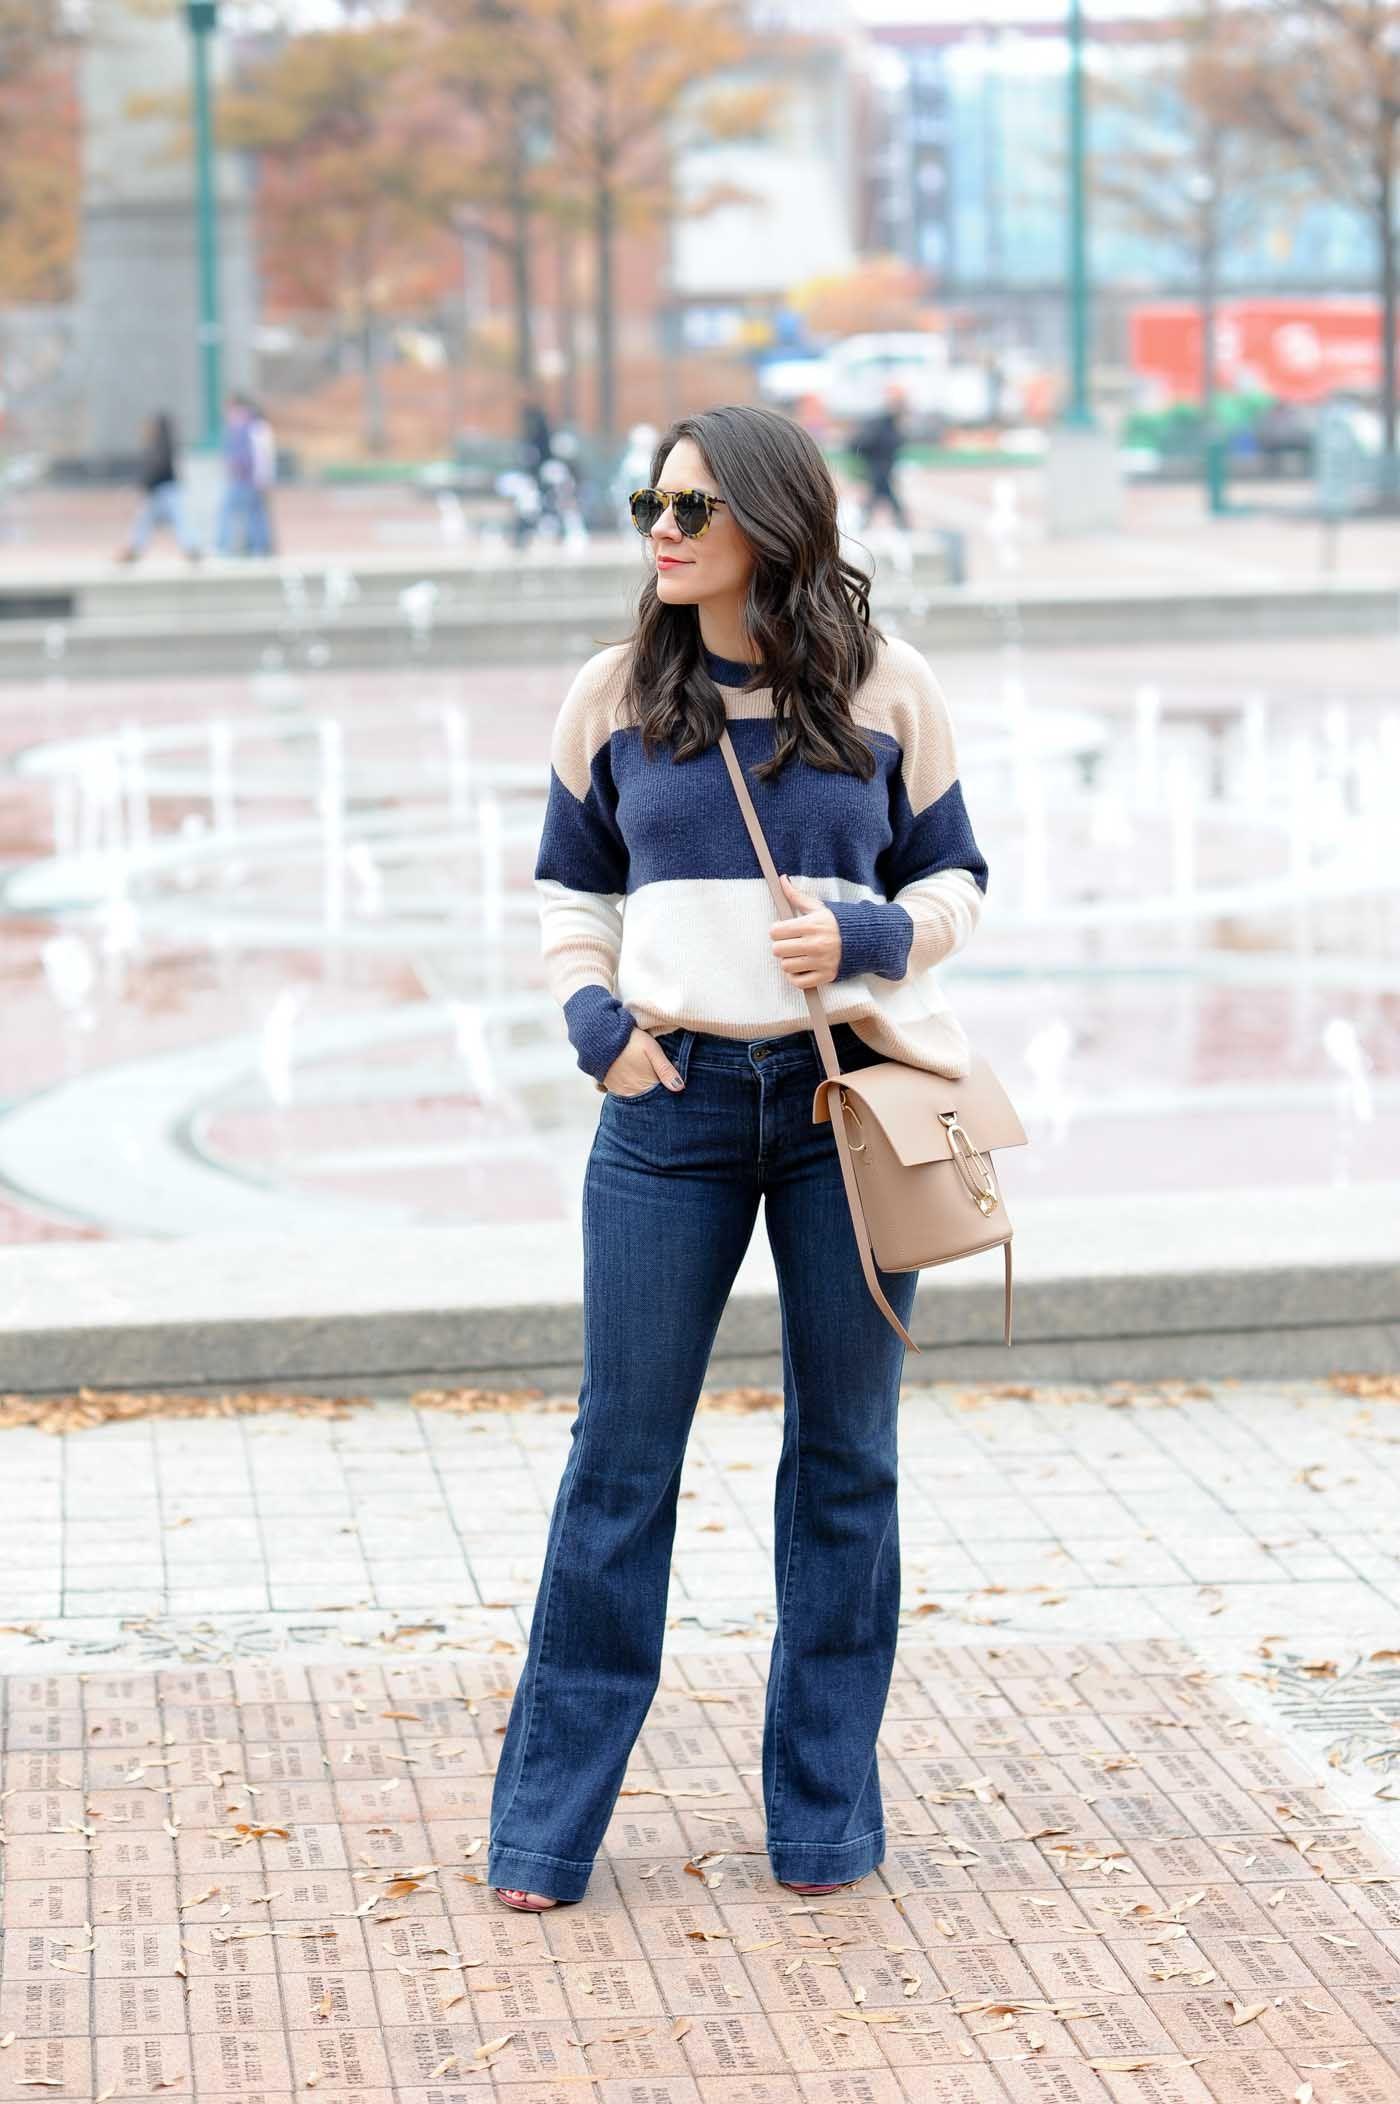 How to wide wear leg denim trousers 2019